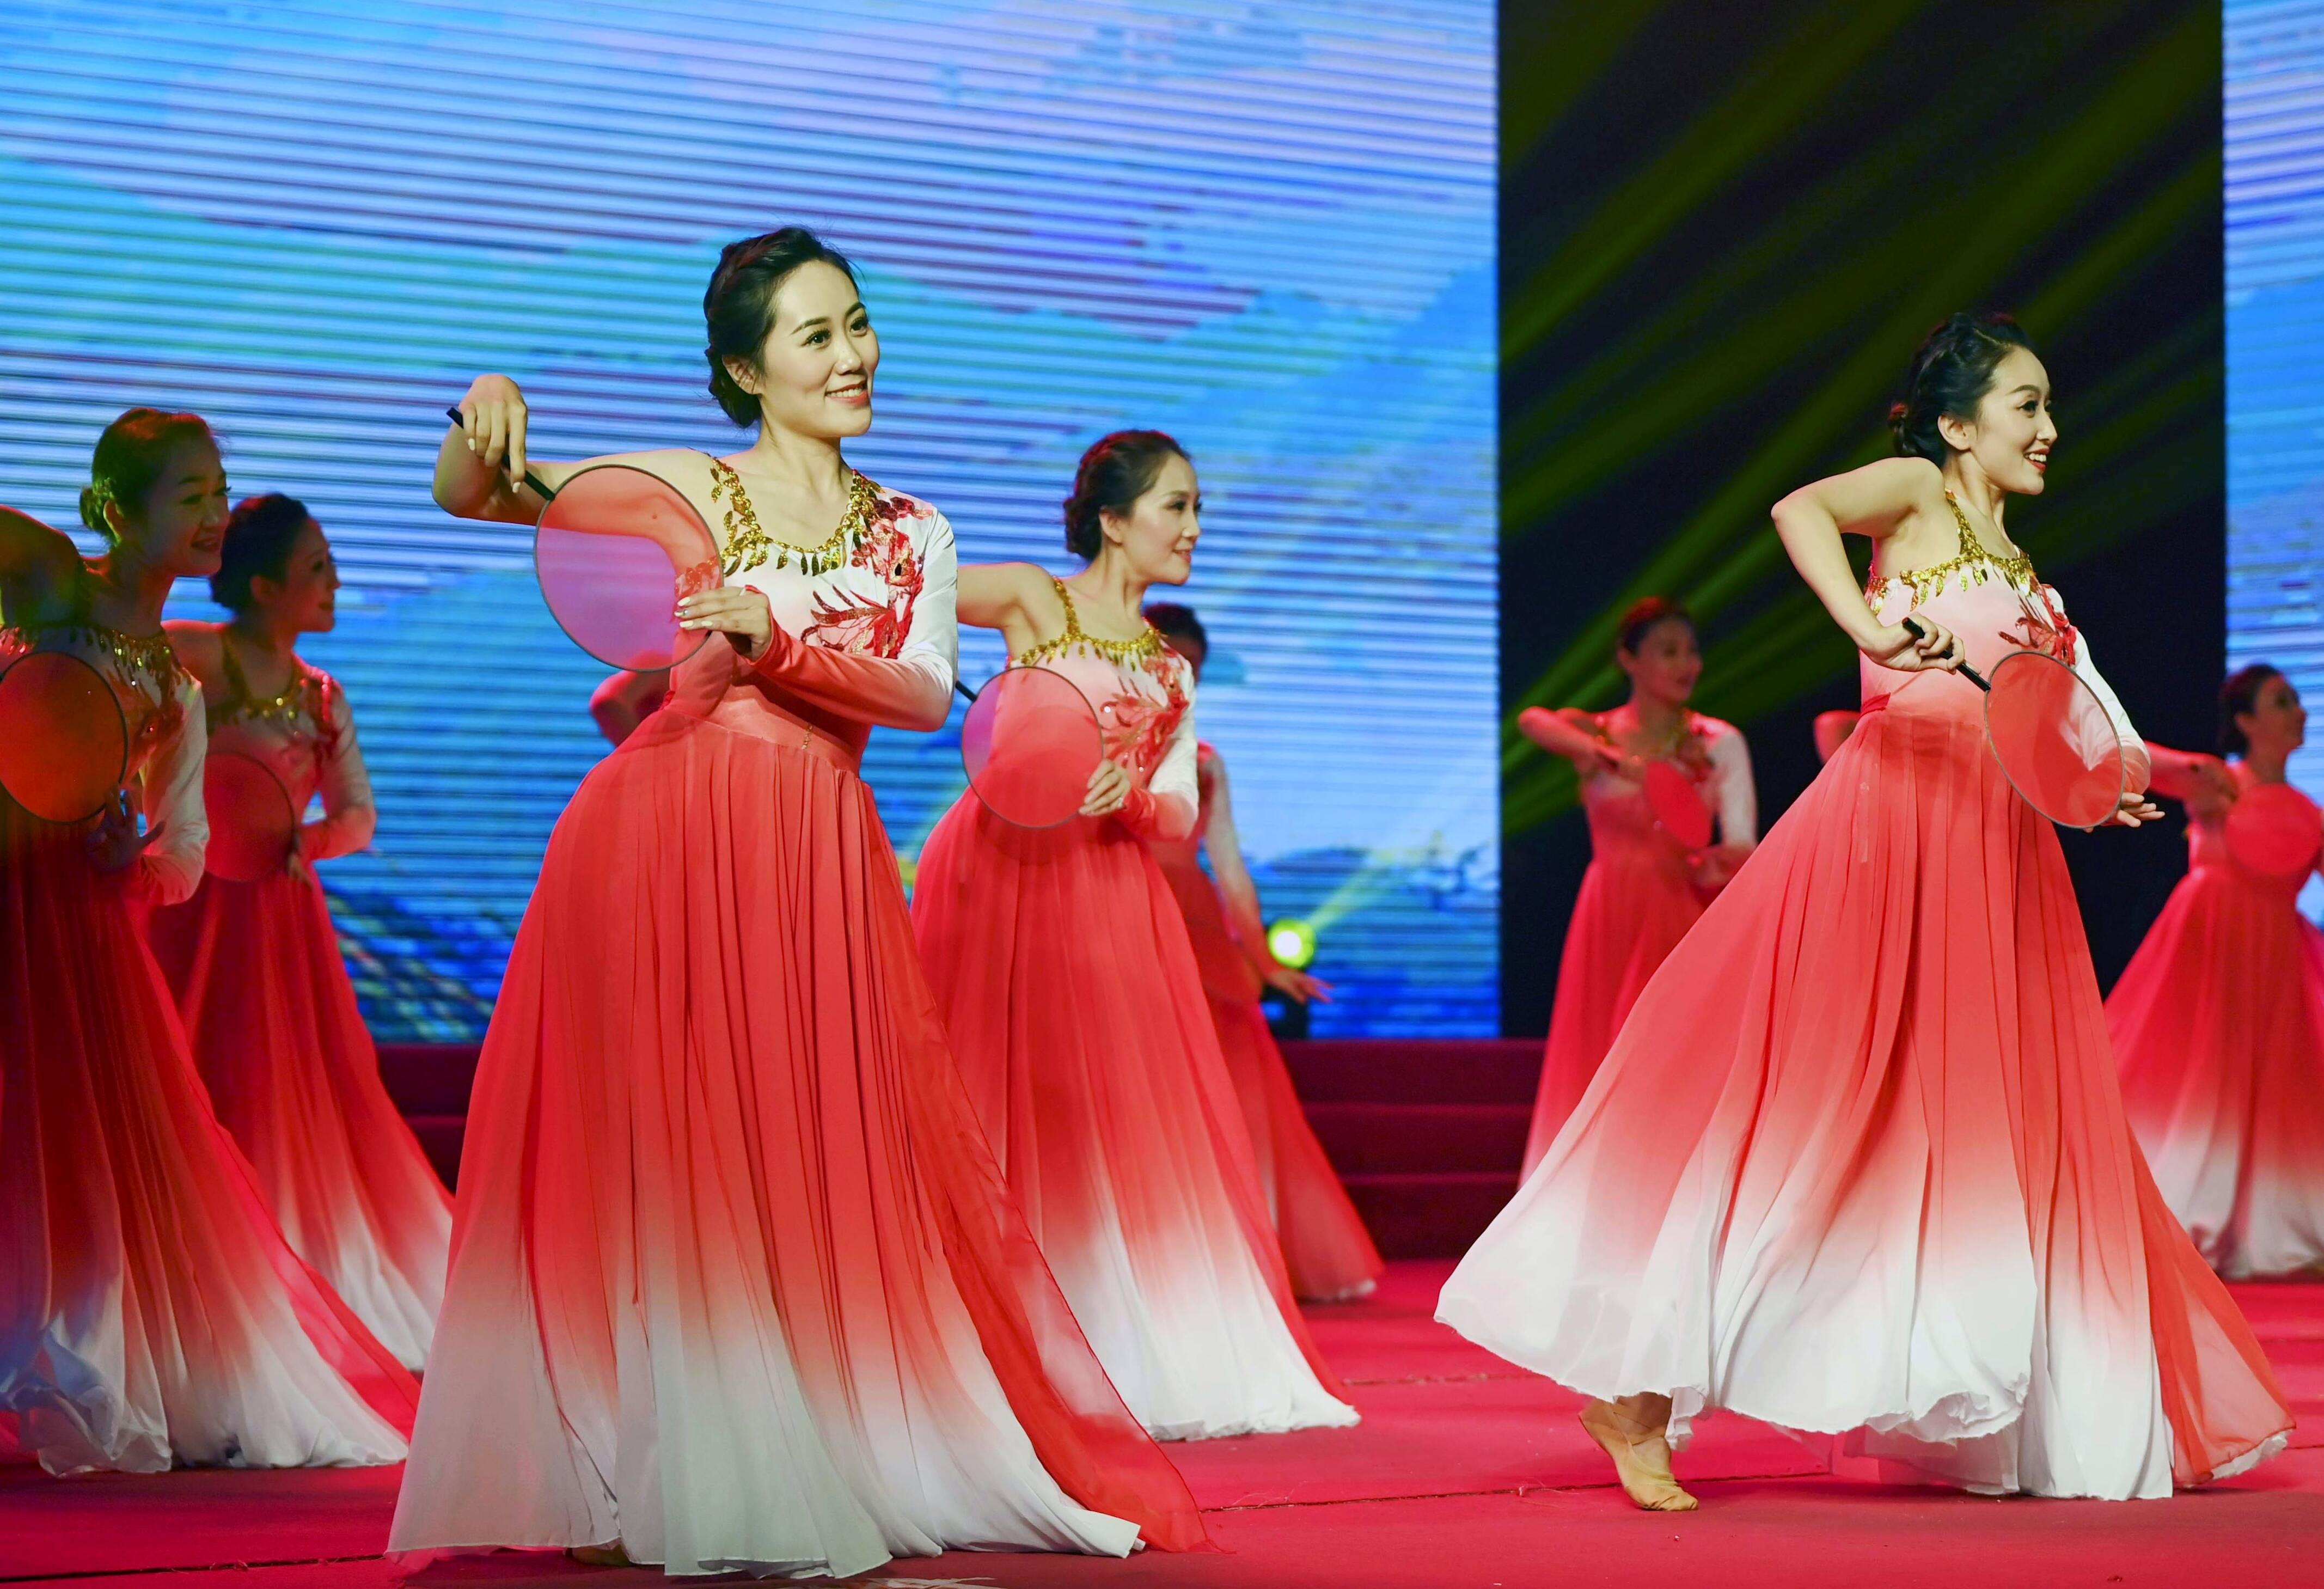 自编自导自演!这群青年舞蹈演员用自己的方式庆祝中国共产党成立一百周年